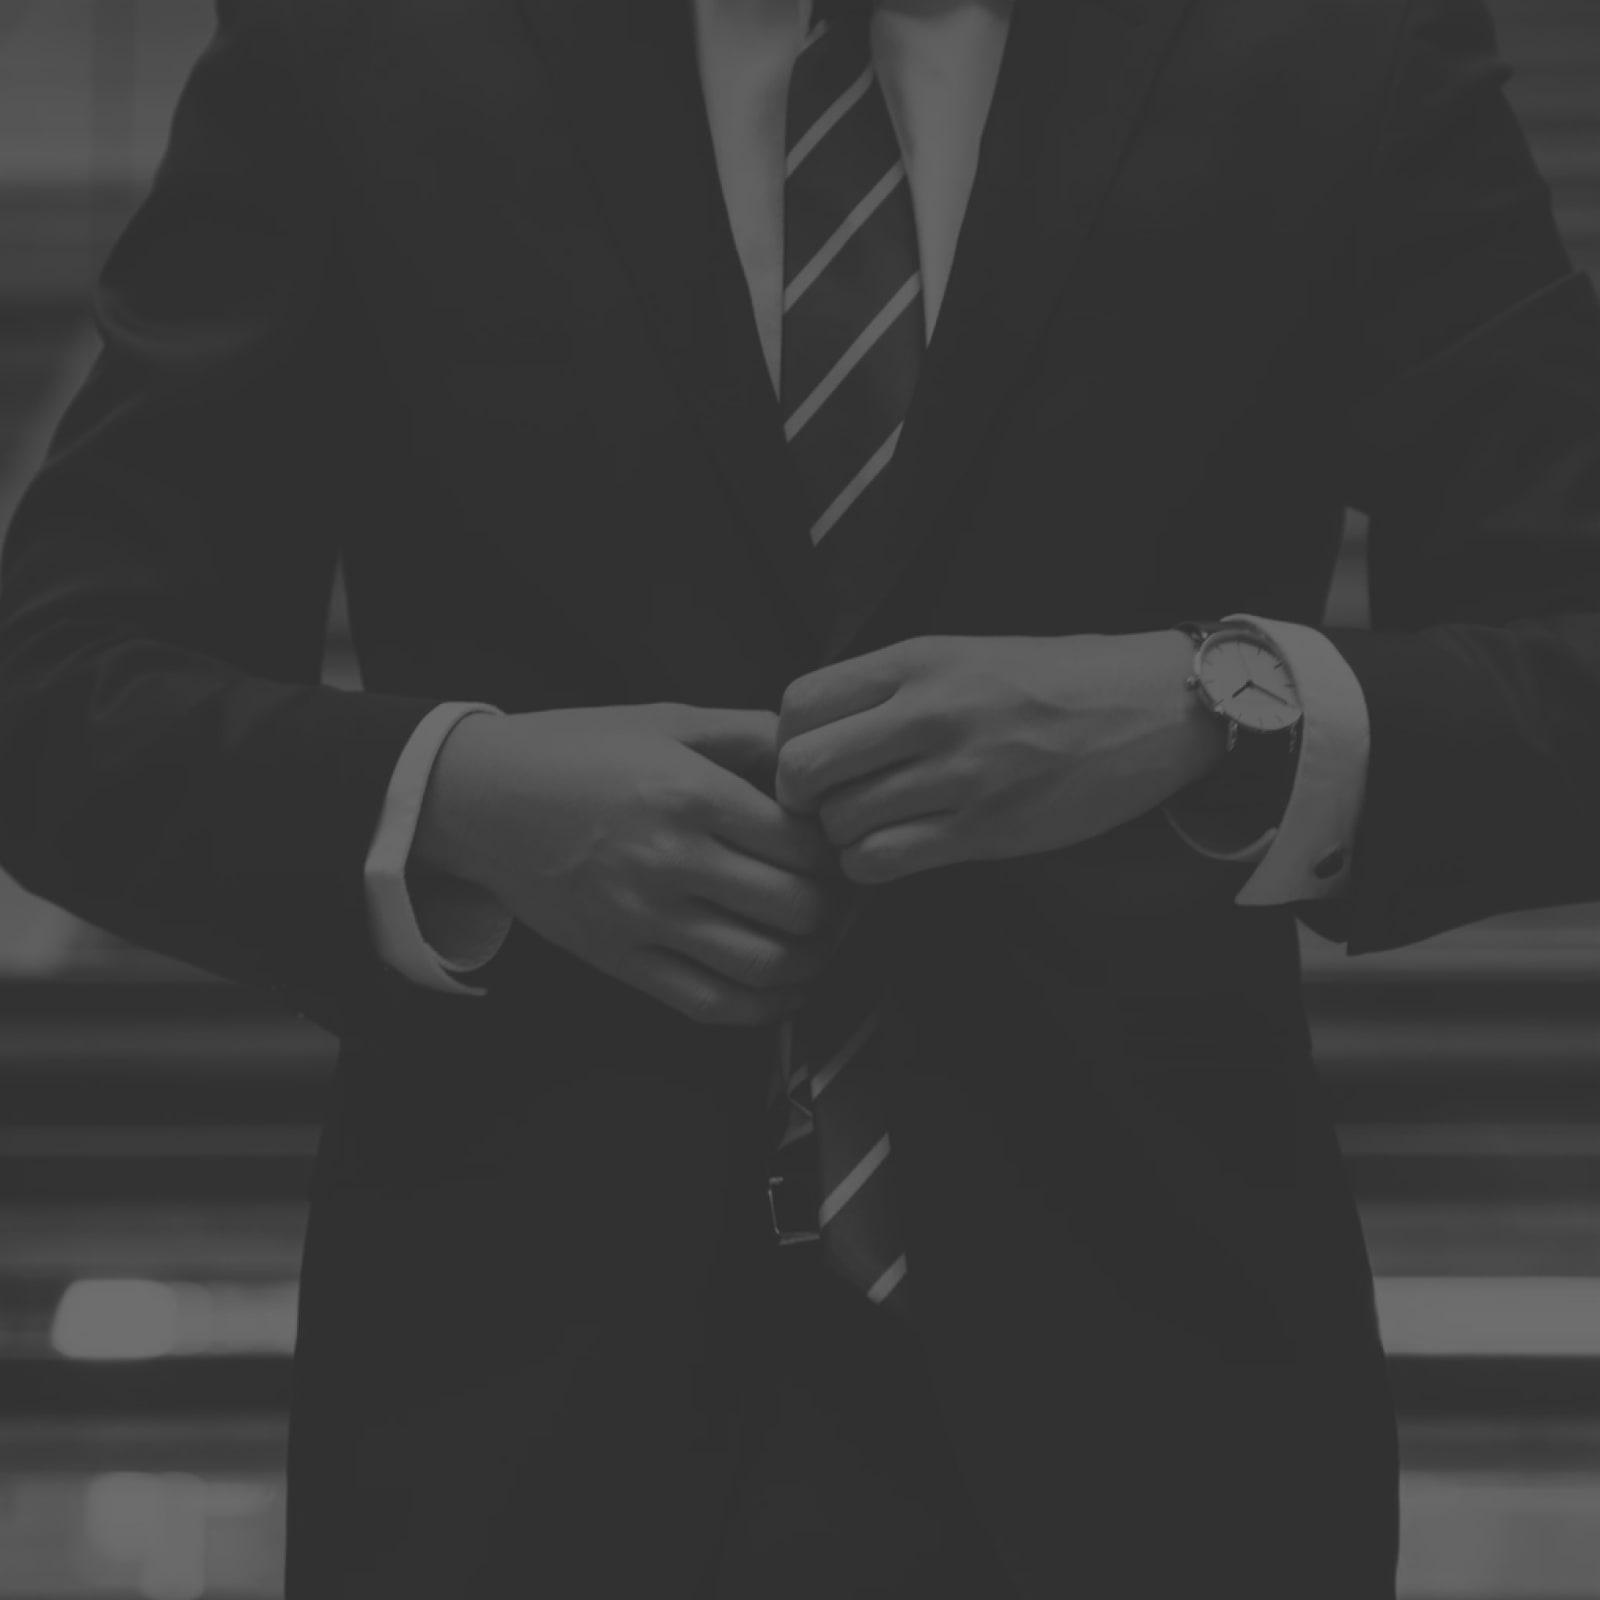 Při řešení komplikovaných rodinných a jiných osobních situací je výhodou mít po ruce profesionála, který si dokáže zachovat odstup a do jednání vnese rozvážnost.